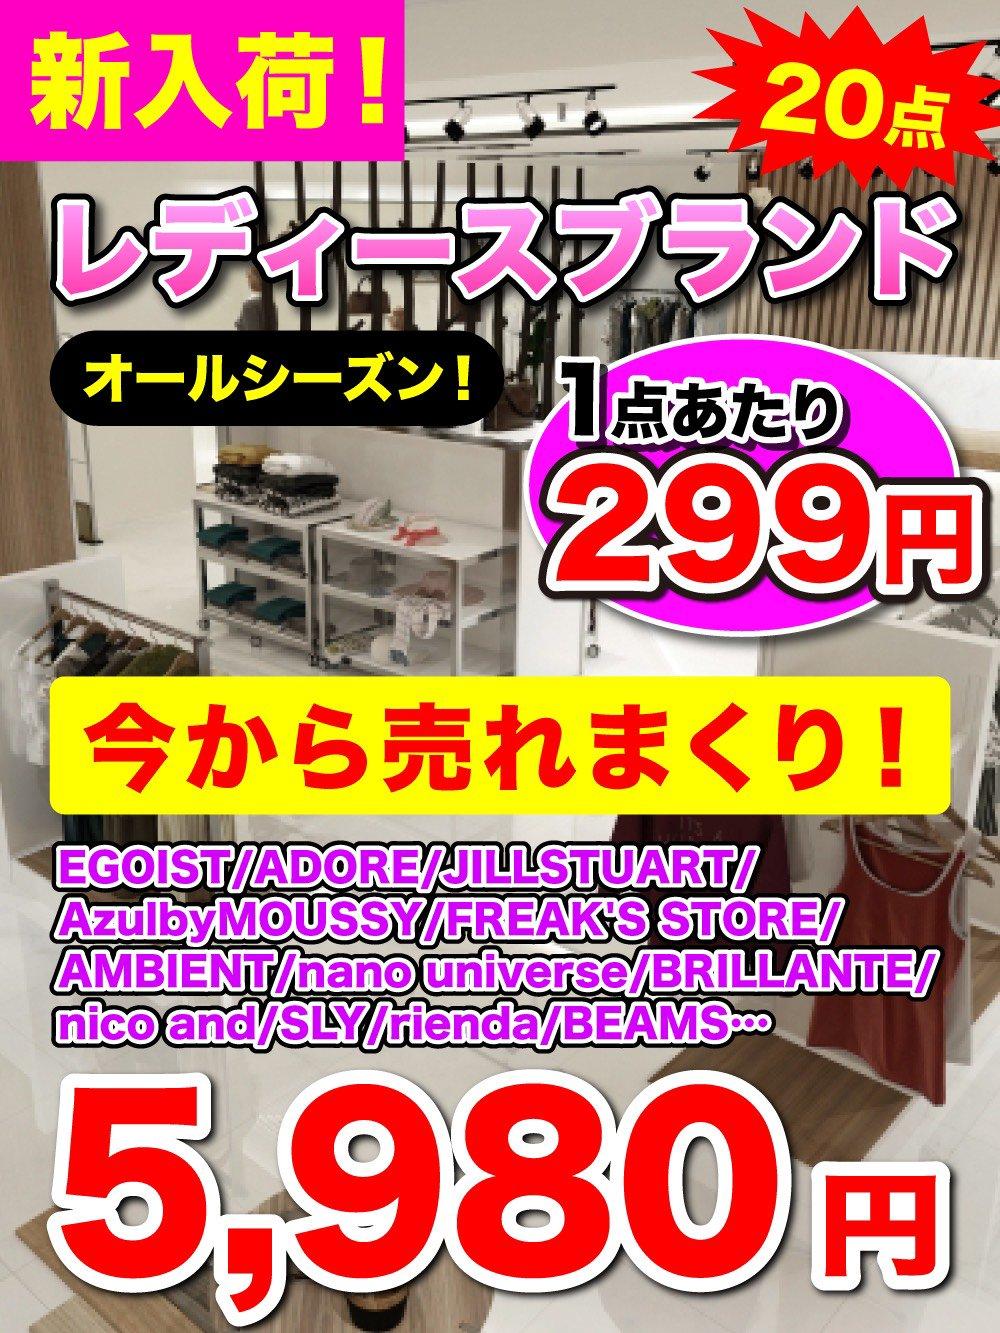 【新入荷!レディースブランド】今から売れまくり!オールシーズン!@299【20枚】